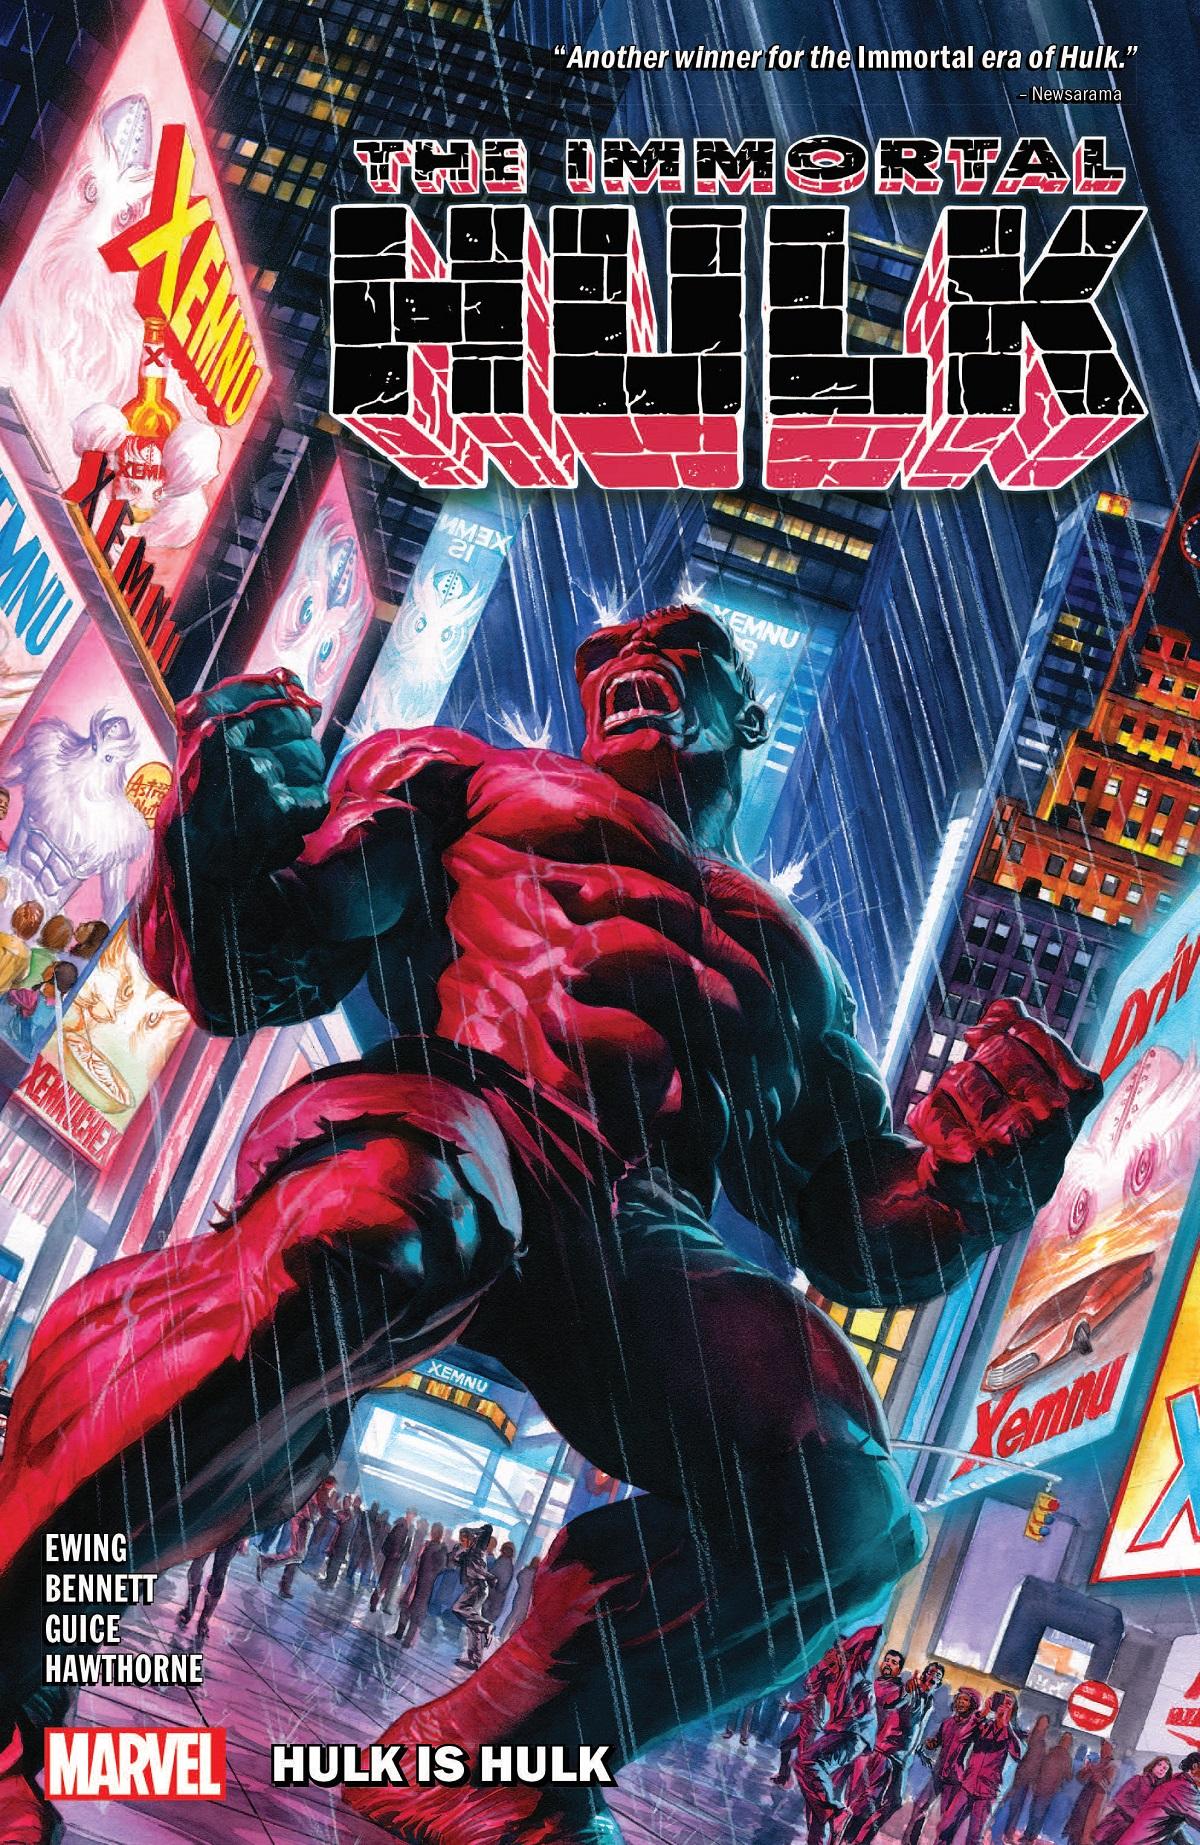 Immortal Hulk Vol. 7: Hulk Is Hulk  (Trade Paperback)